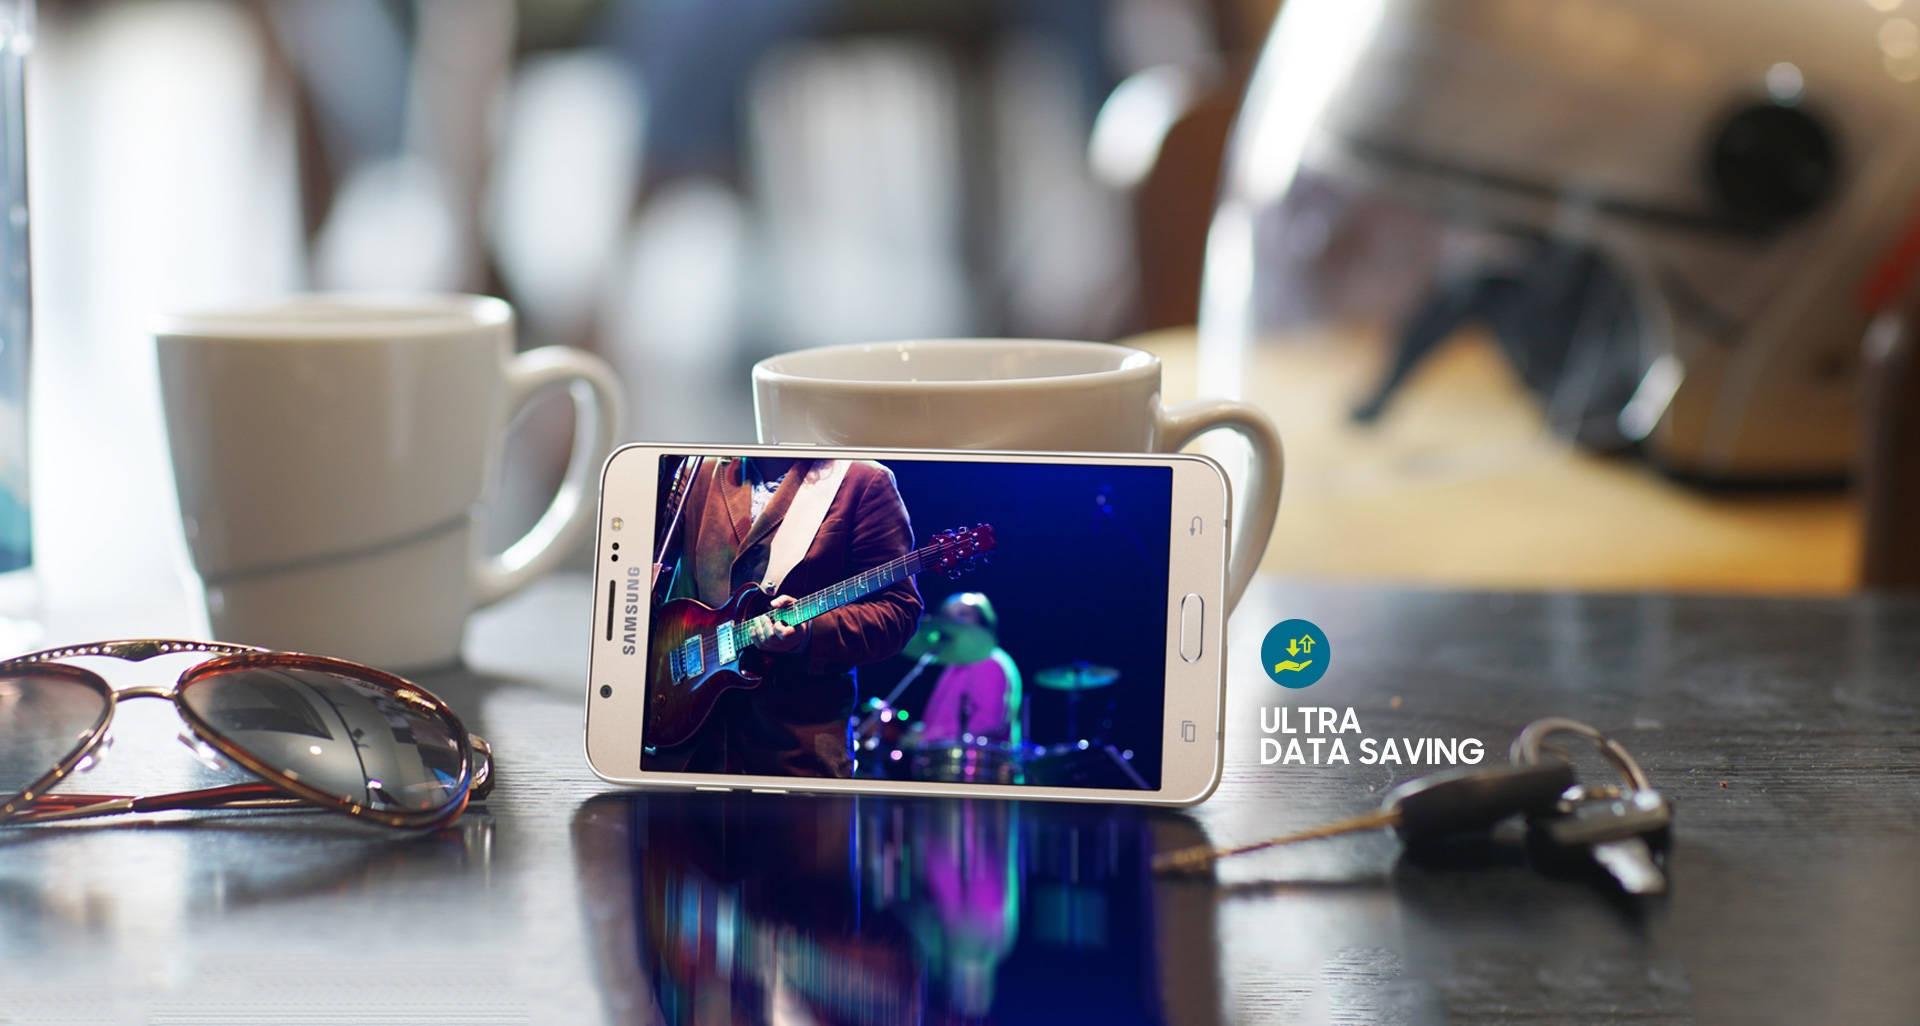 Samsung galaxy j5 2016 prix maroc,samsung j5 prix maroc